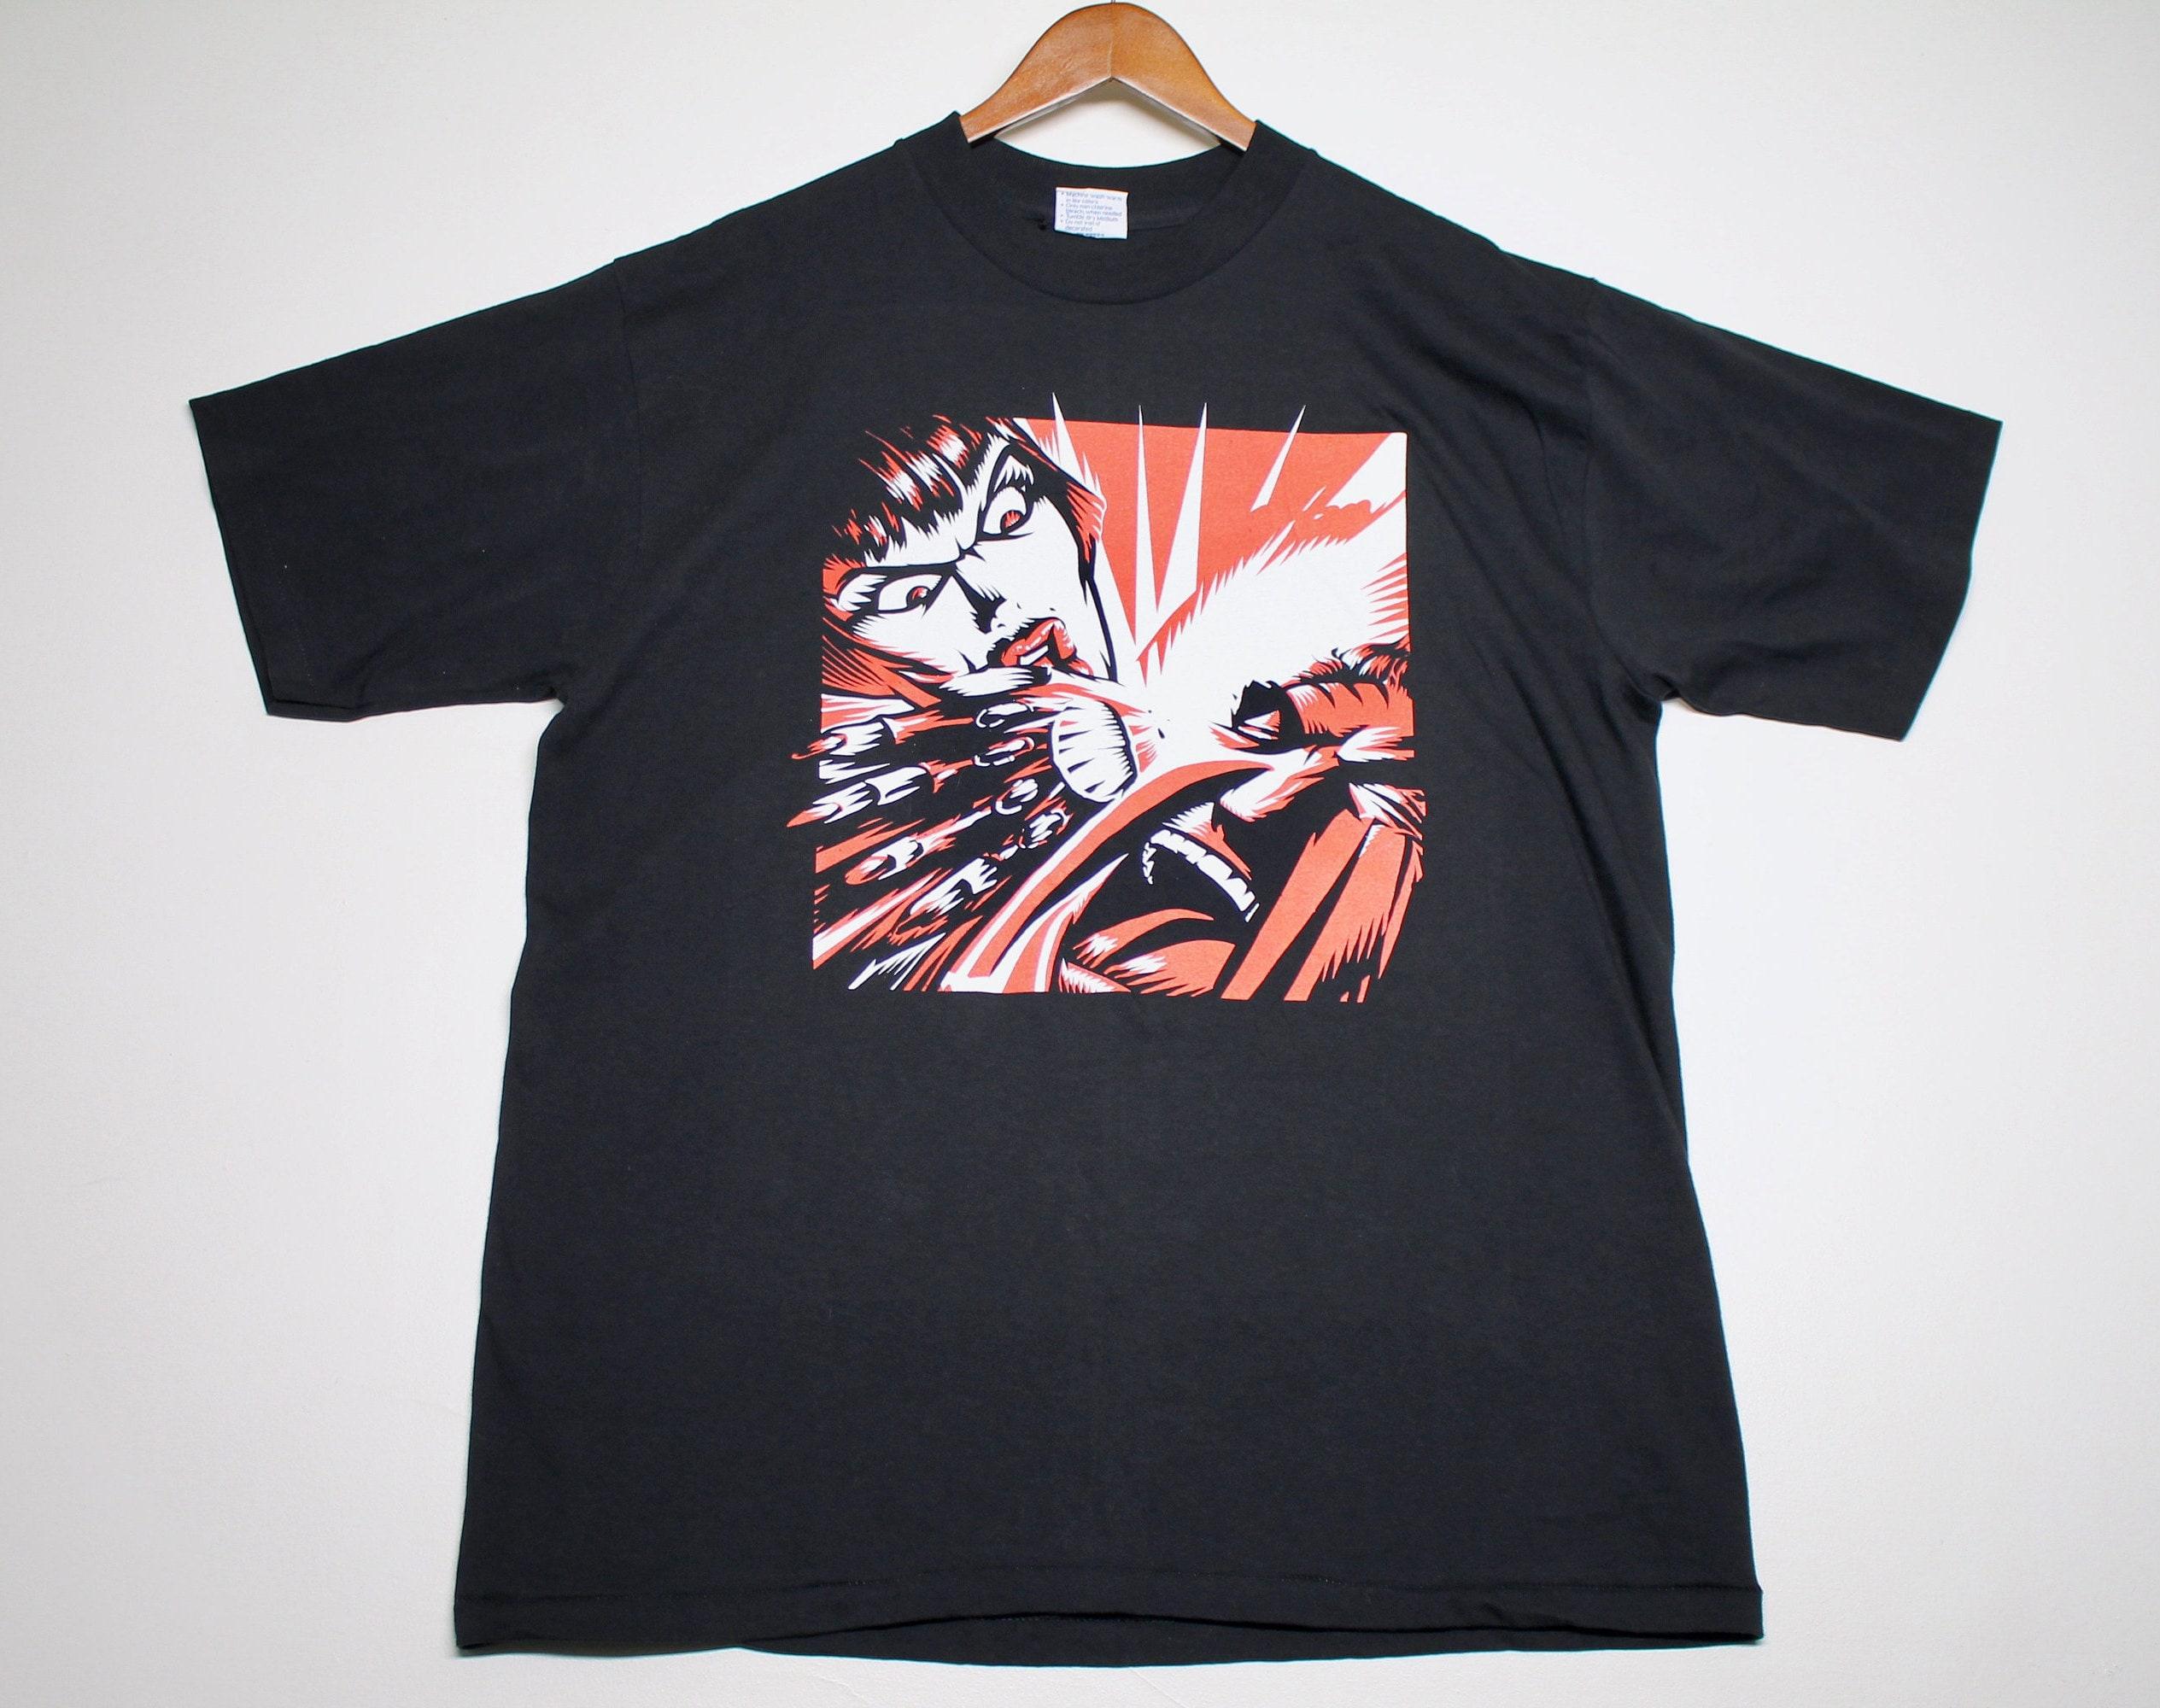 Xl Vtg 90s 1997 Kmfdm Symbols T Shirt Aidan Hughes Brute 10010